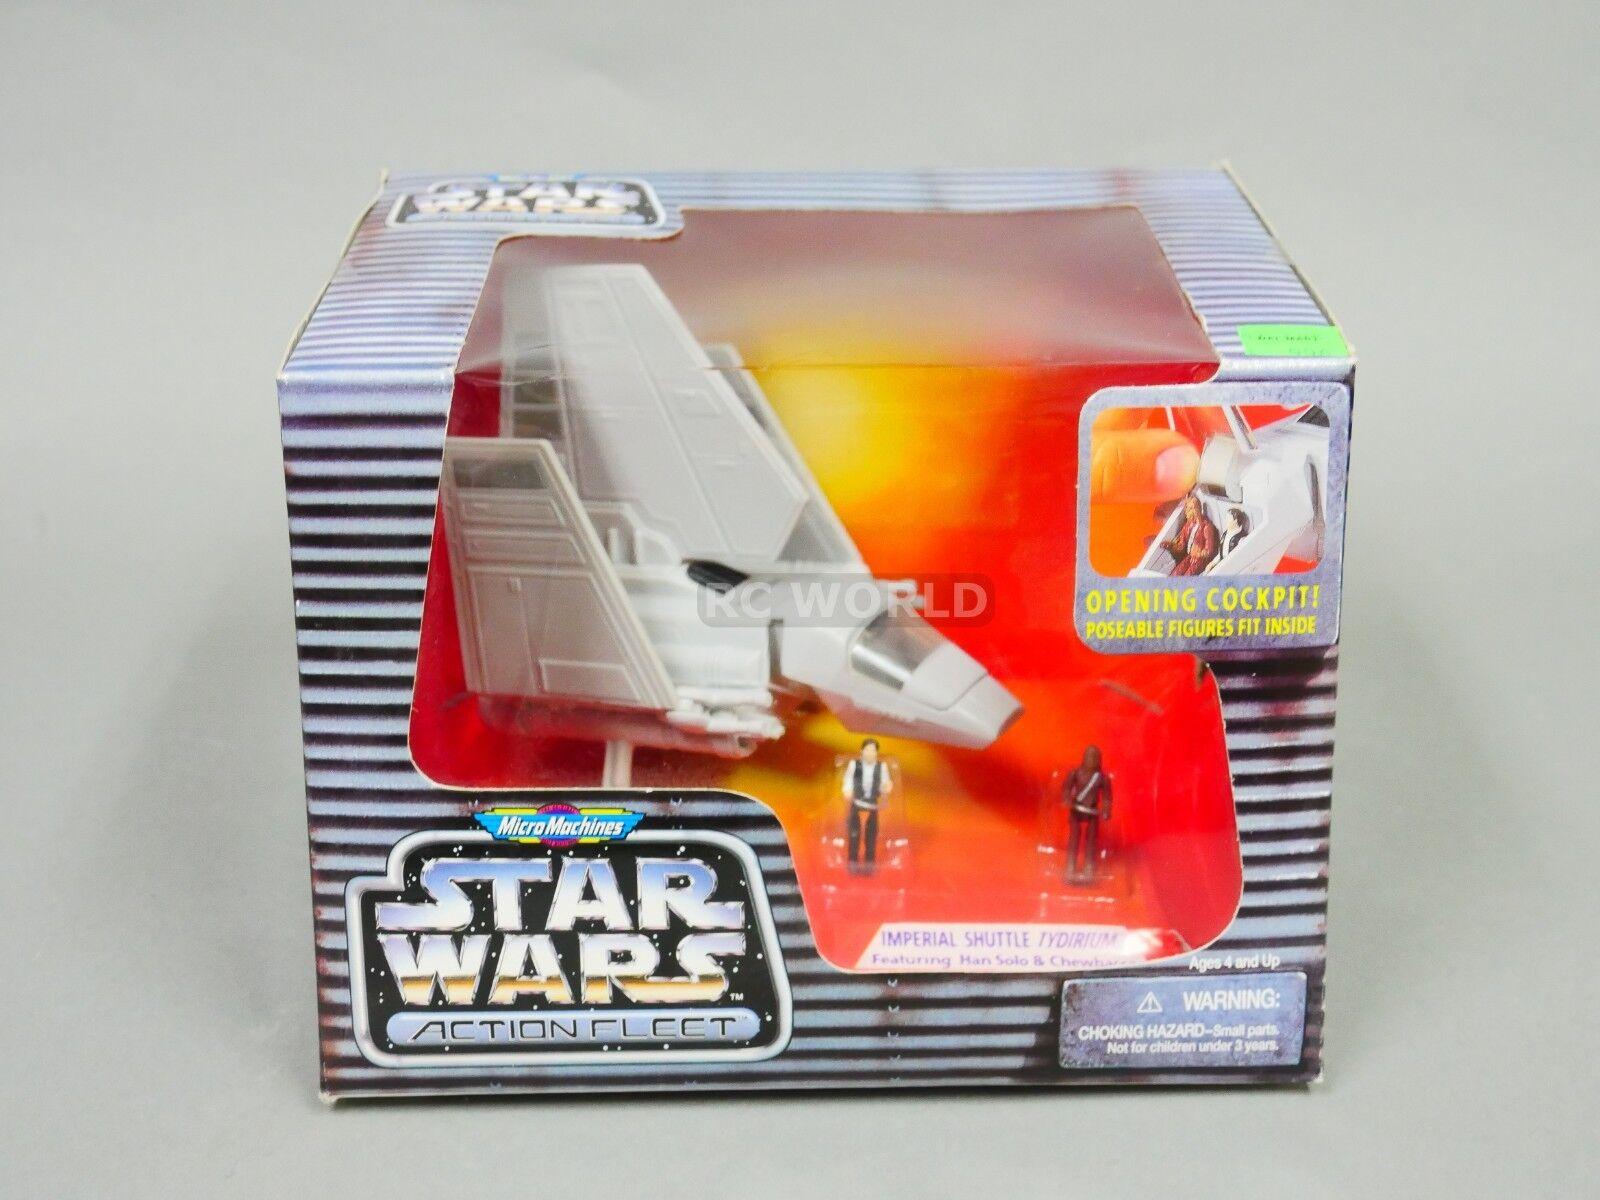 Mikromaskiner från stjärnornas krig Action Flottan kejserlig SHUTTLE TYDIRIUM Han Solo thi35;g4